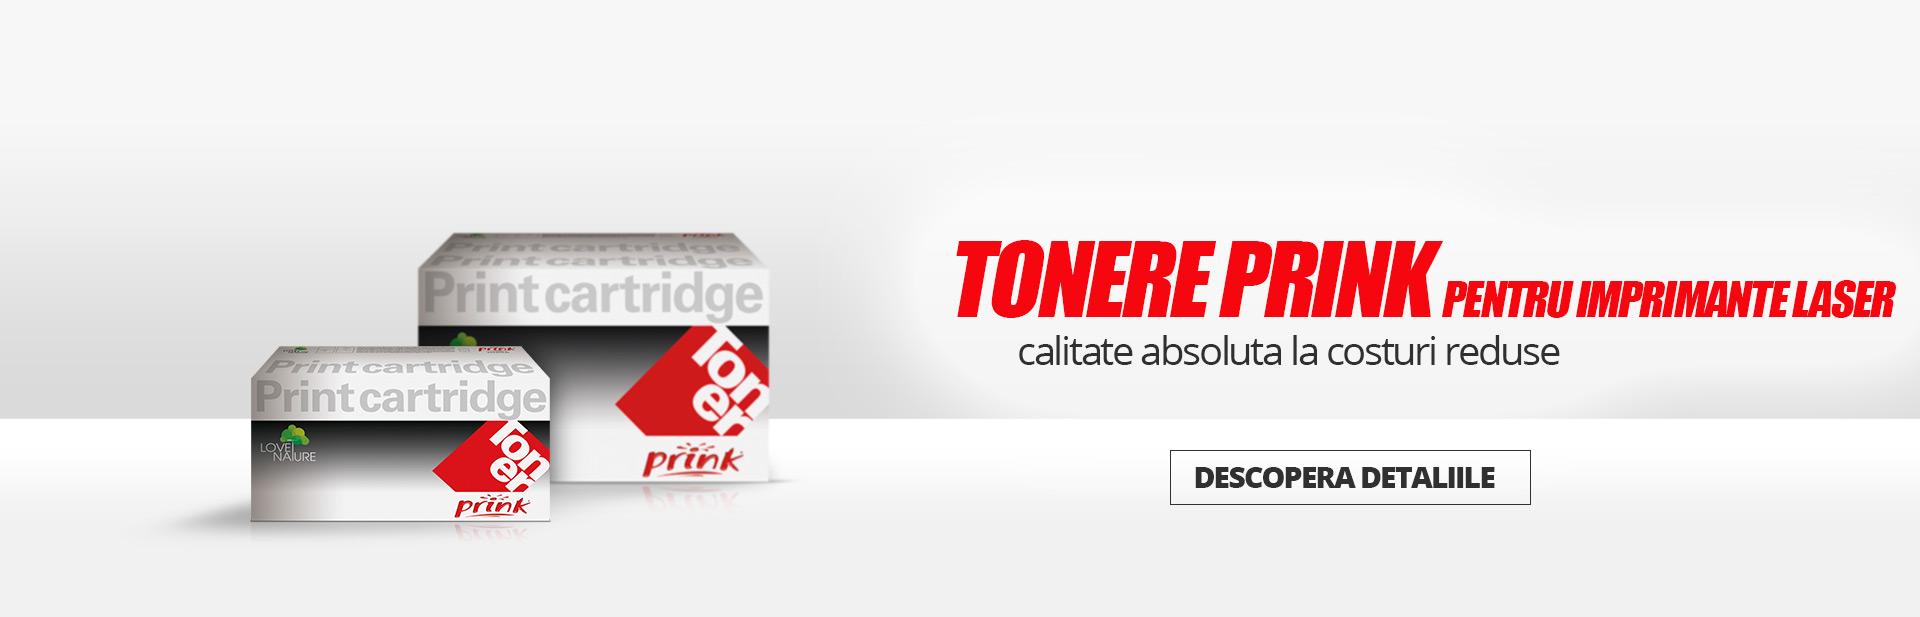 tonere-Prink-pentru-imprimante-laser-SLIDE